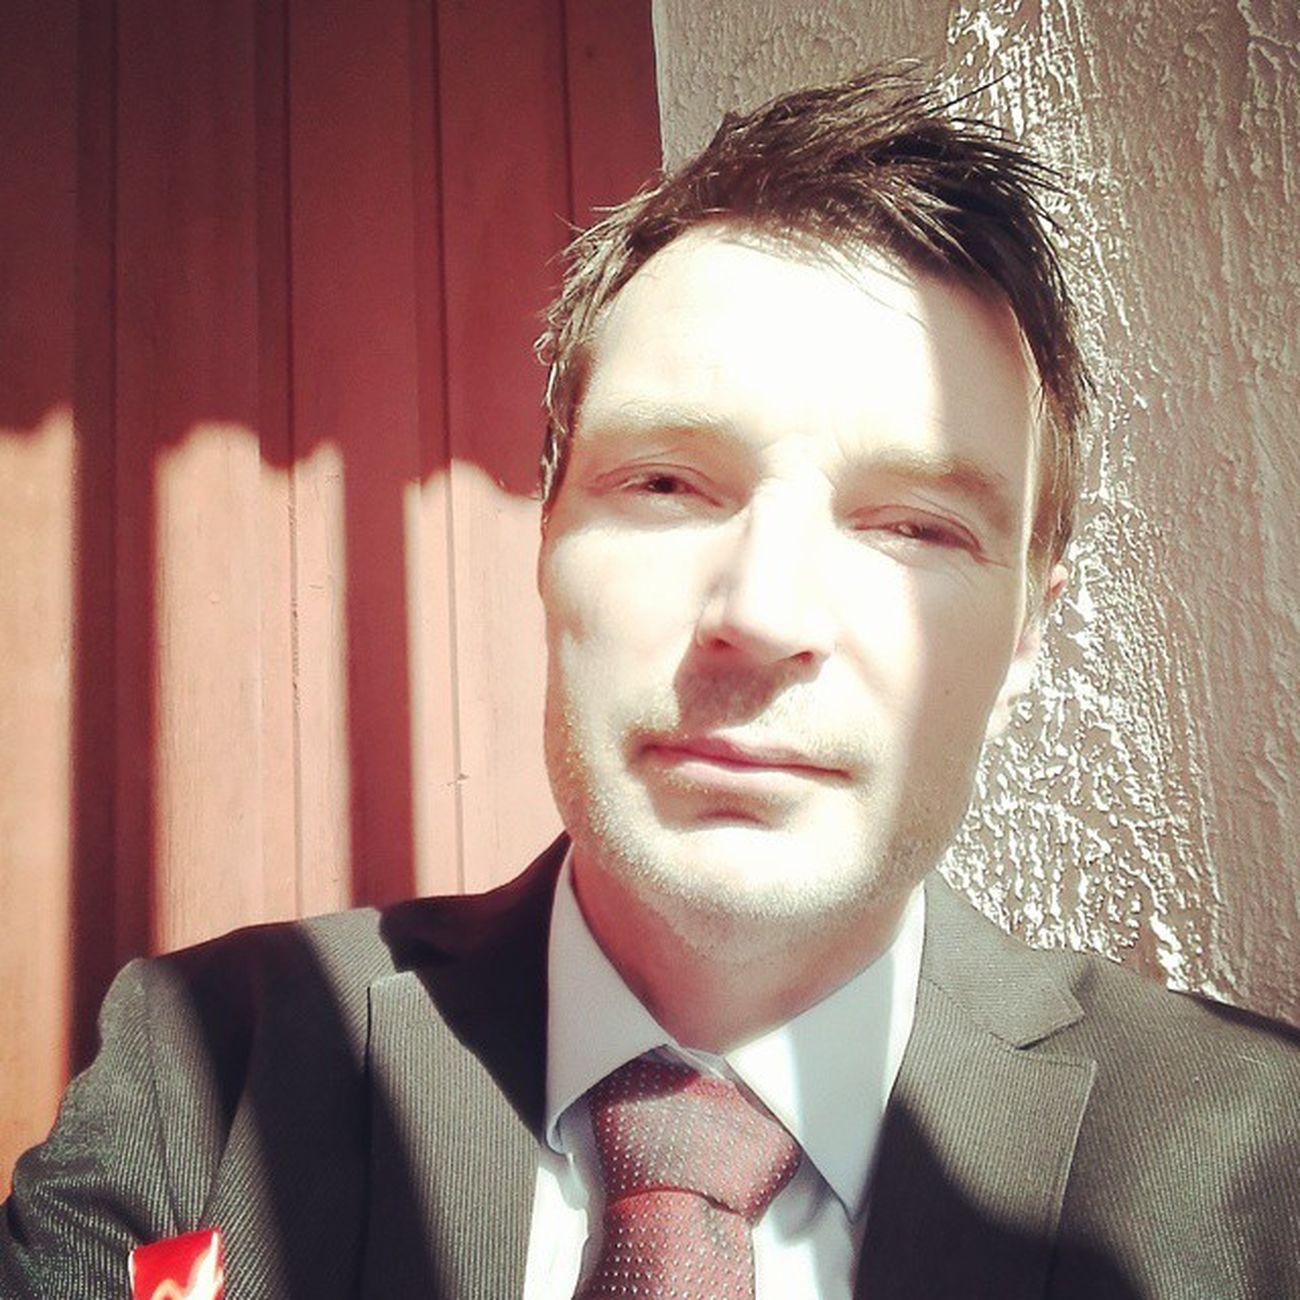 Gratulere med dagen Norge. 17mai 17mai2015 Grattis Grunnlovsdag solskinnsdag constitutionday norway norge noreg fest fullrulle dresskledd finstasen